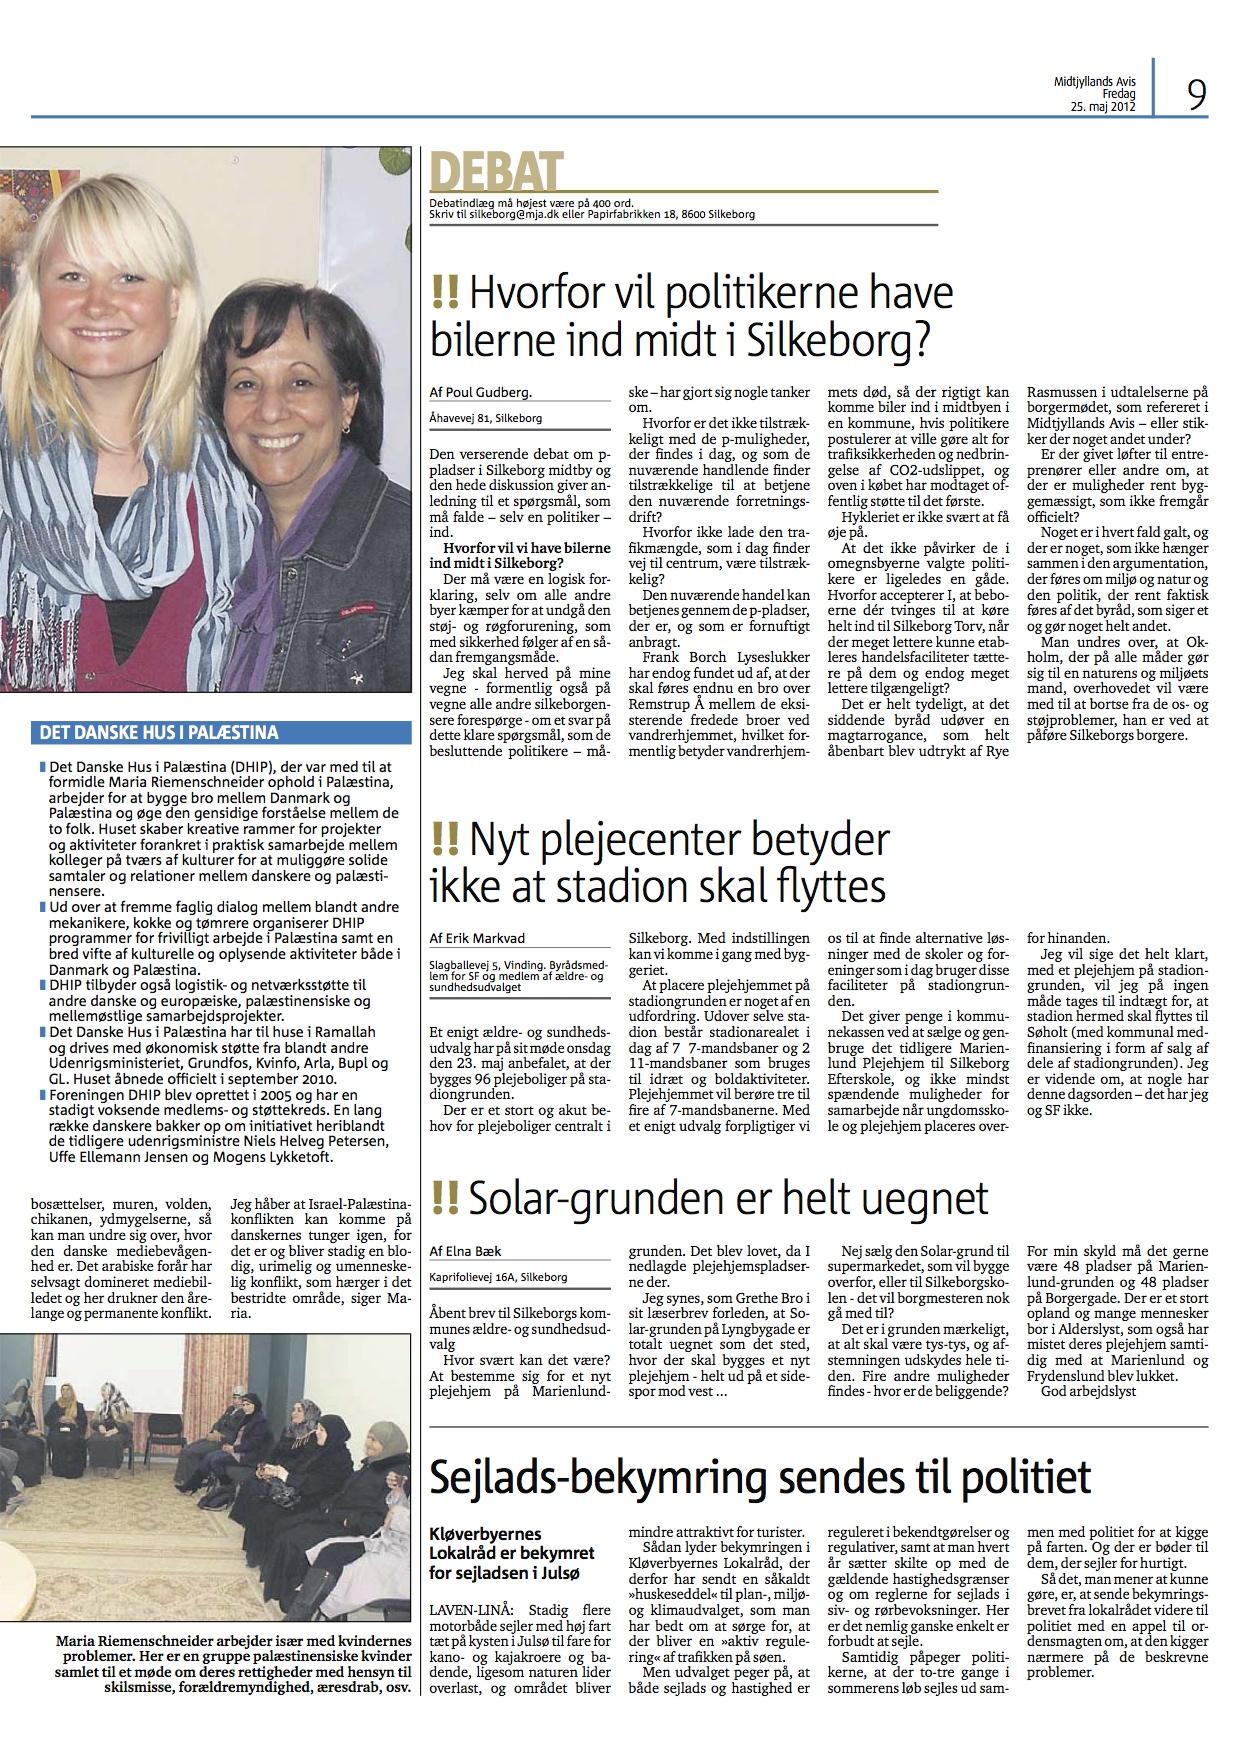 2012-05.25 - Maria fra Silkeborg i Palistinænsisk flygtningelejr.jpg